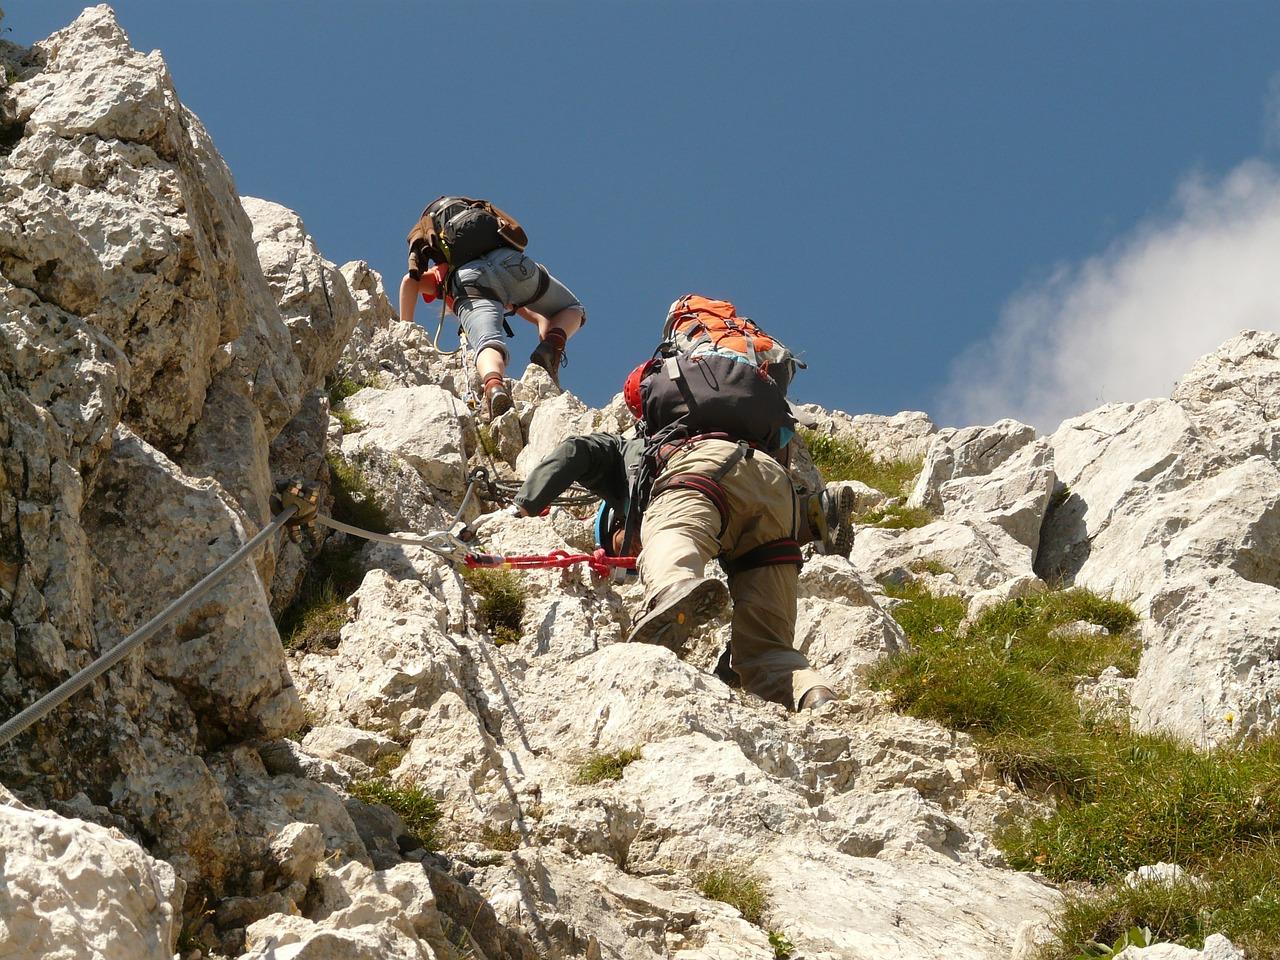 Klettern am Wolfgangsee: zwei Kletterer in der Wand, von etwas weiter unten fotografiert.